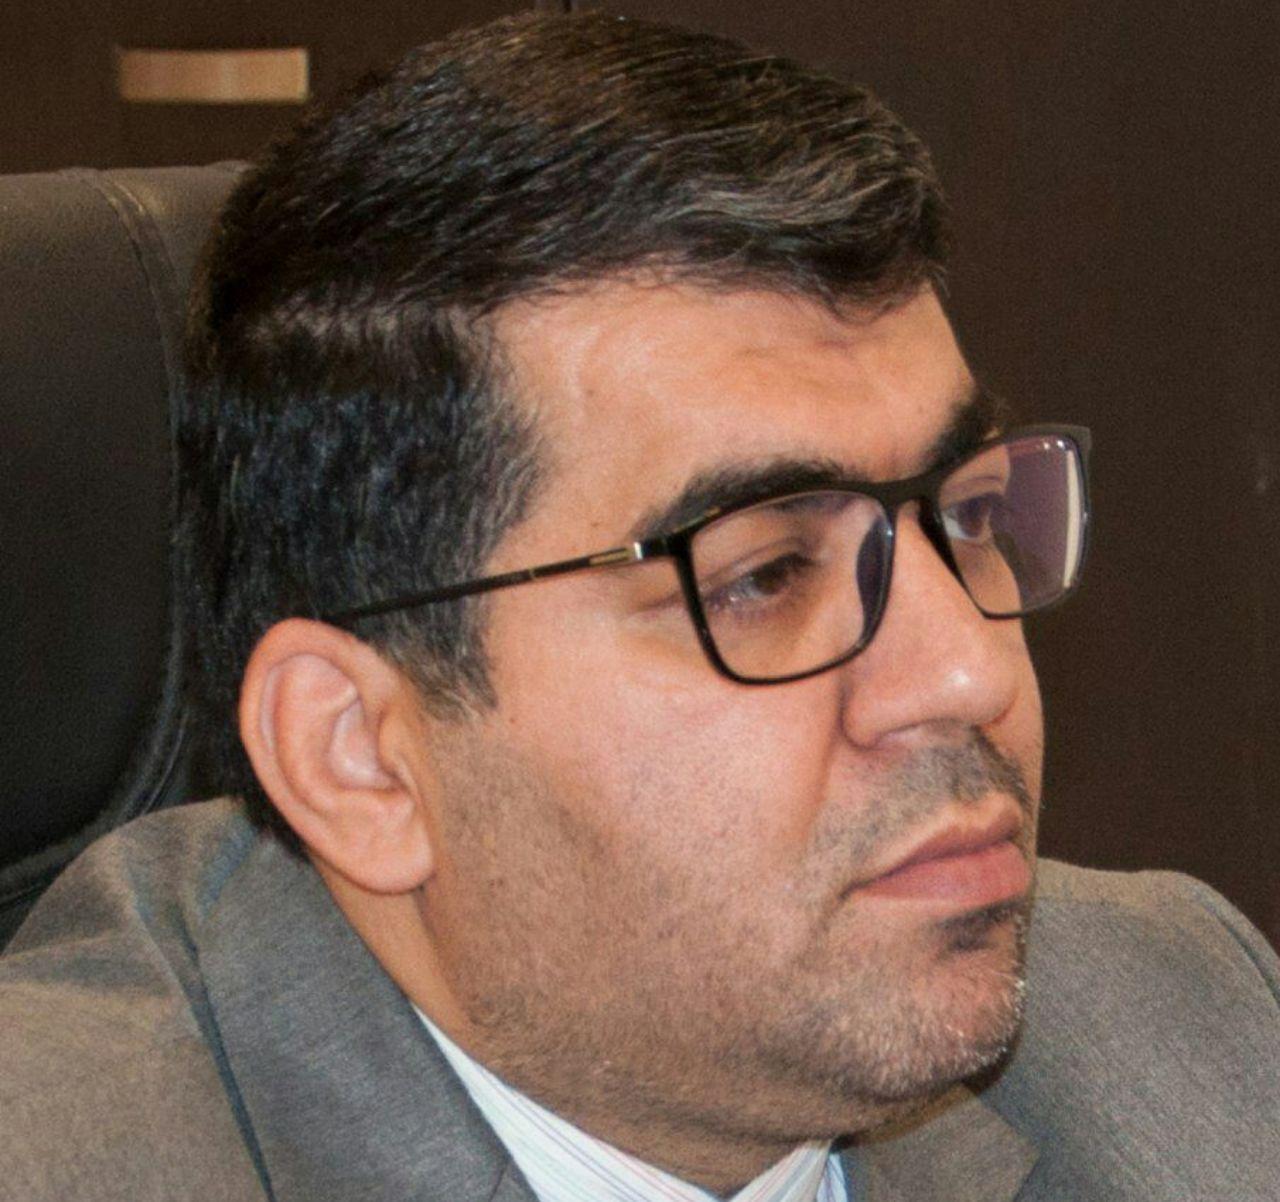 حکم شهردار جدید شهر صالحیه امضاء شد